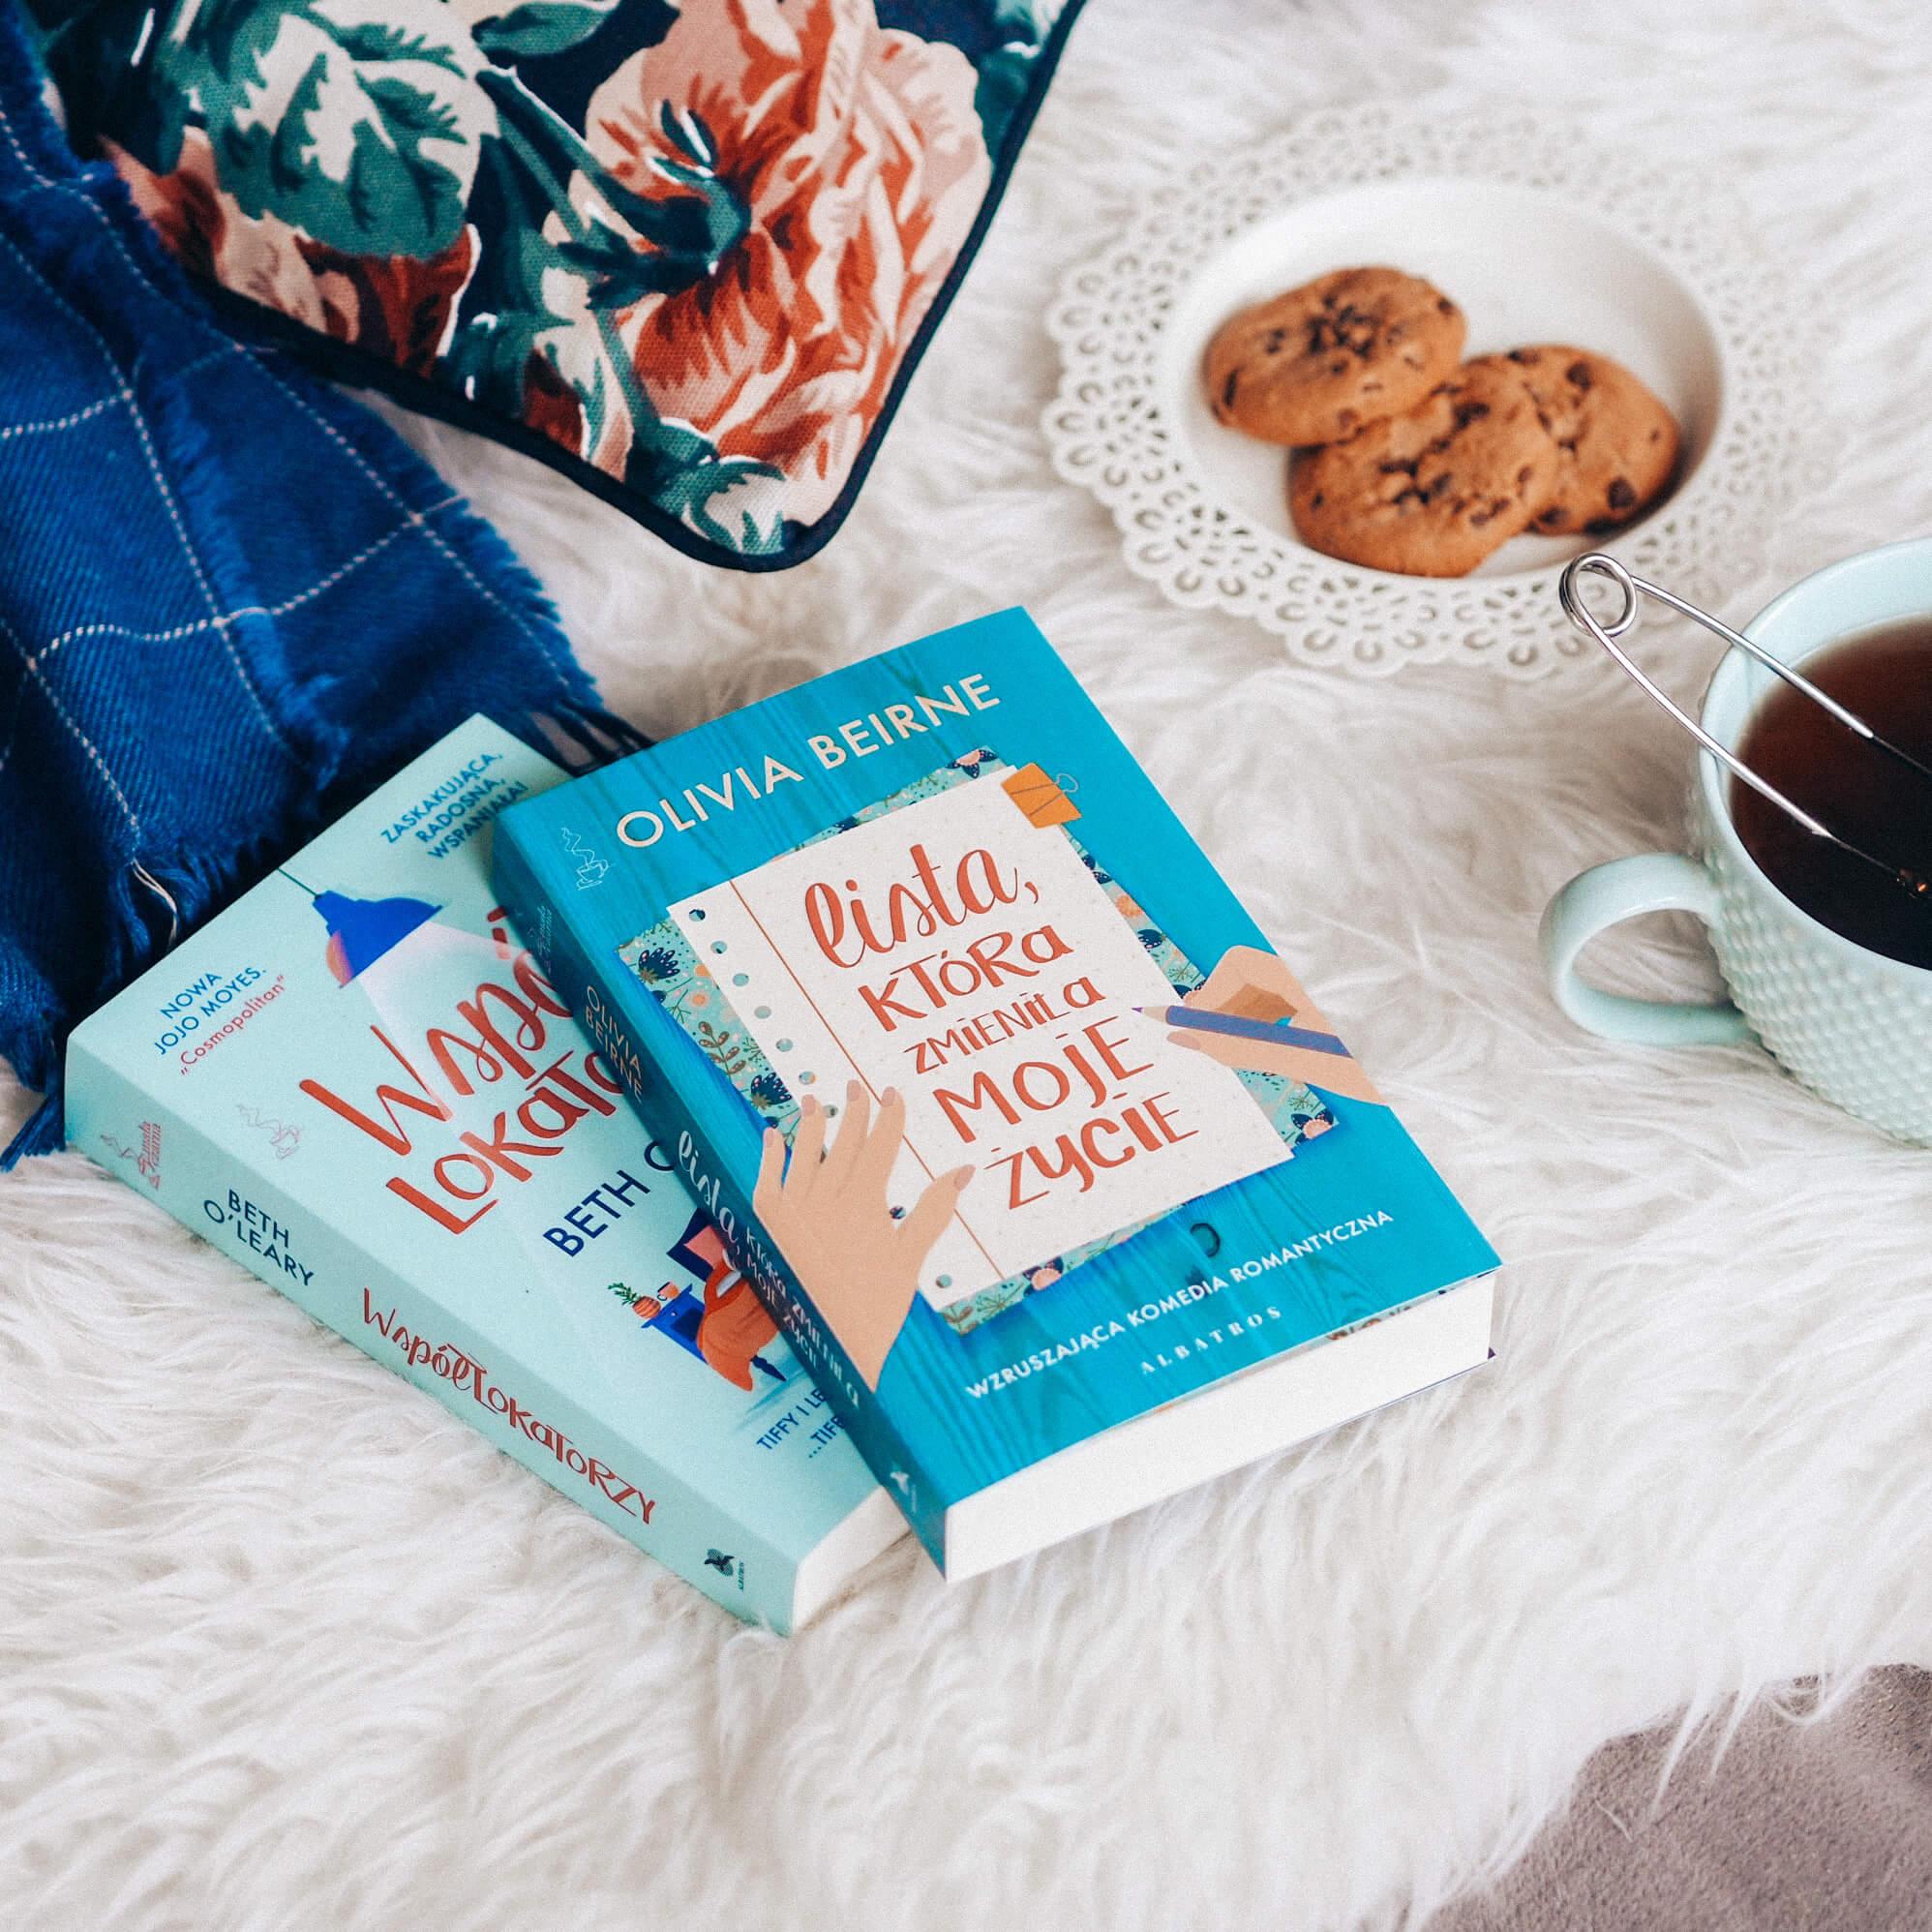 Lista, która zmieniła moje życie - Olivia Beirne